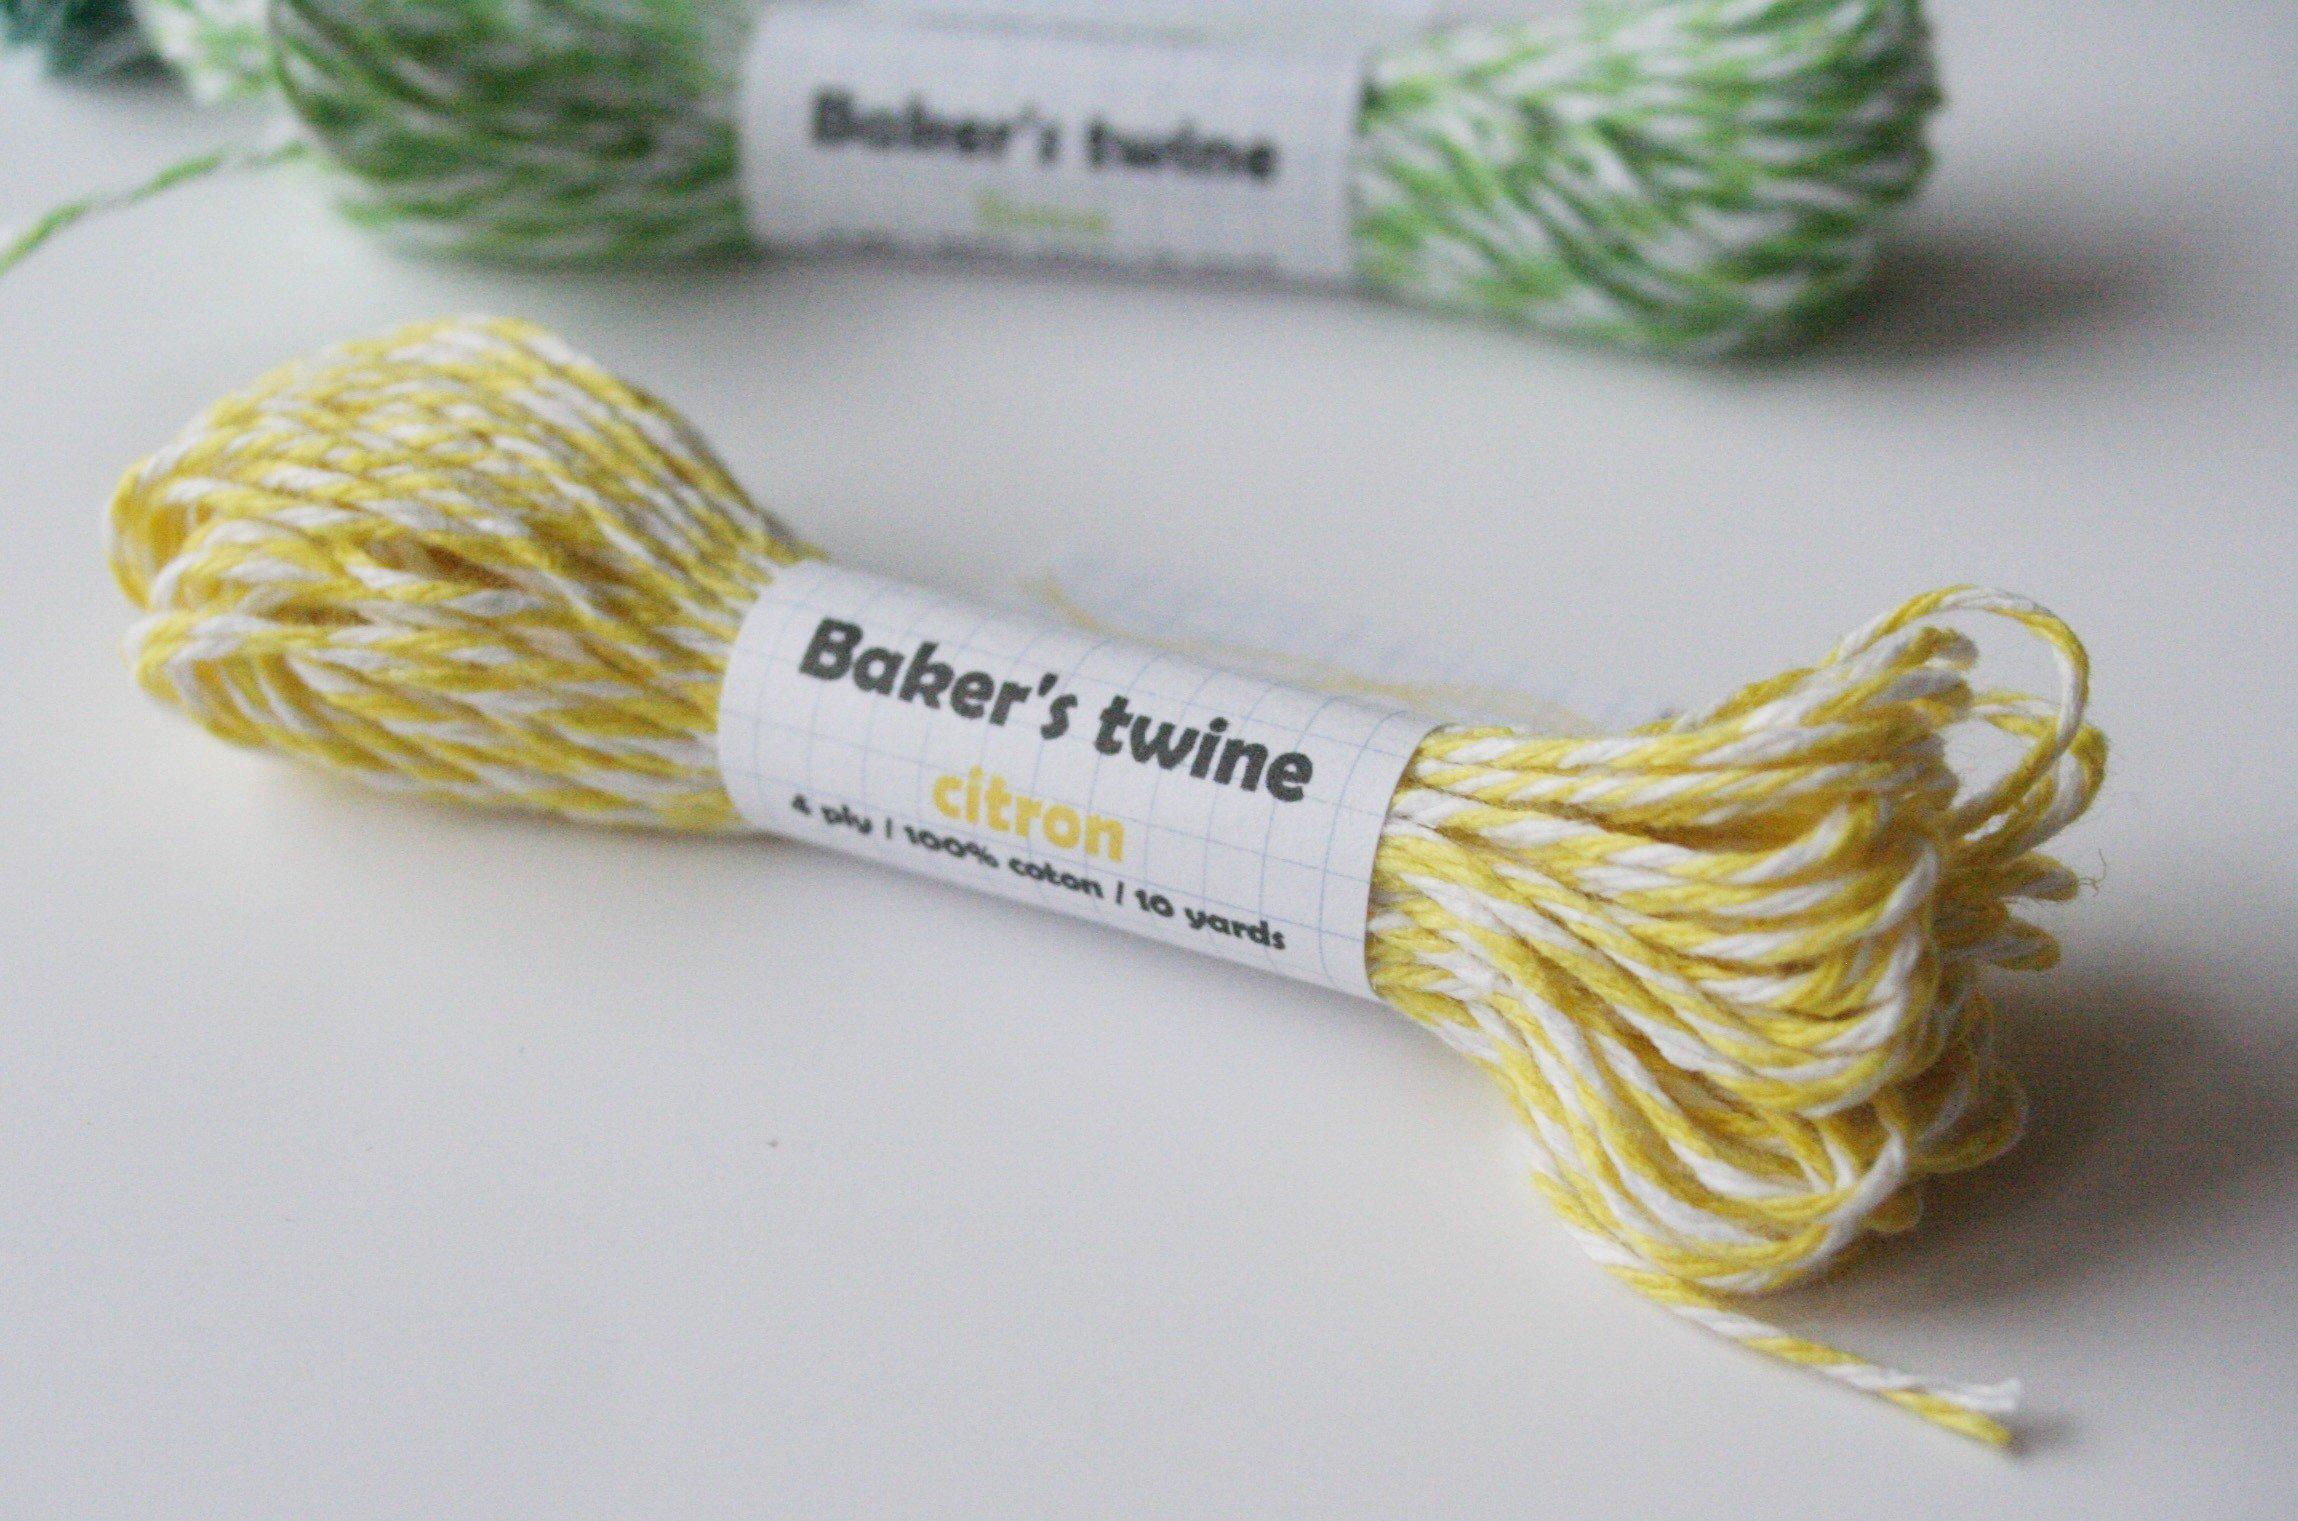 baker's twine / citron